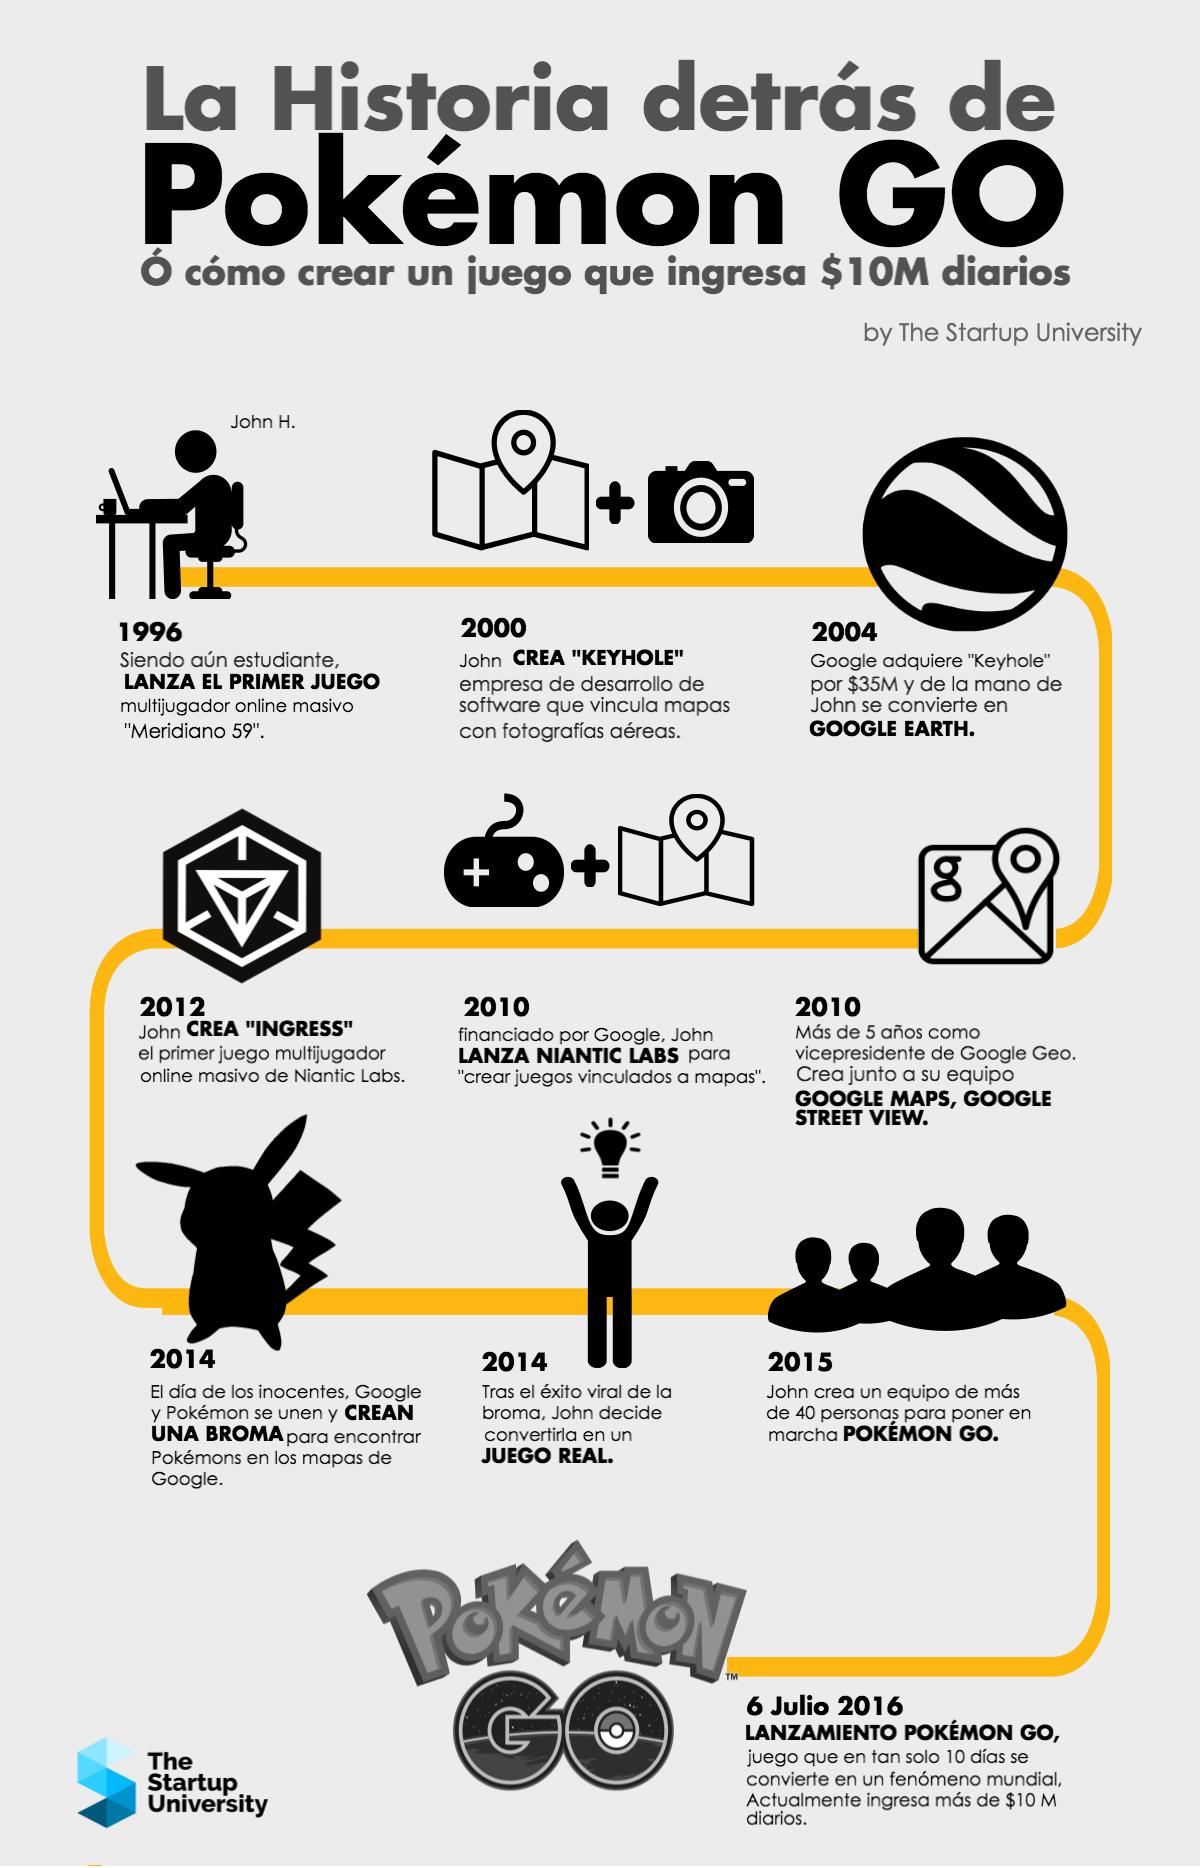 La Historia de Pokemon GO #infografia #infographic #entrepreneurship